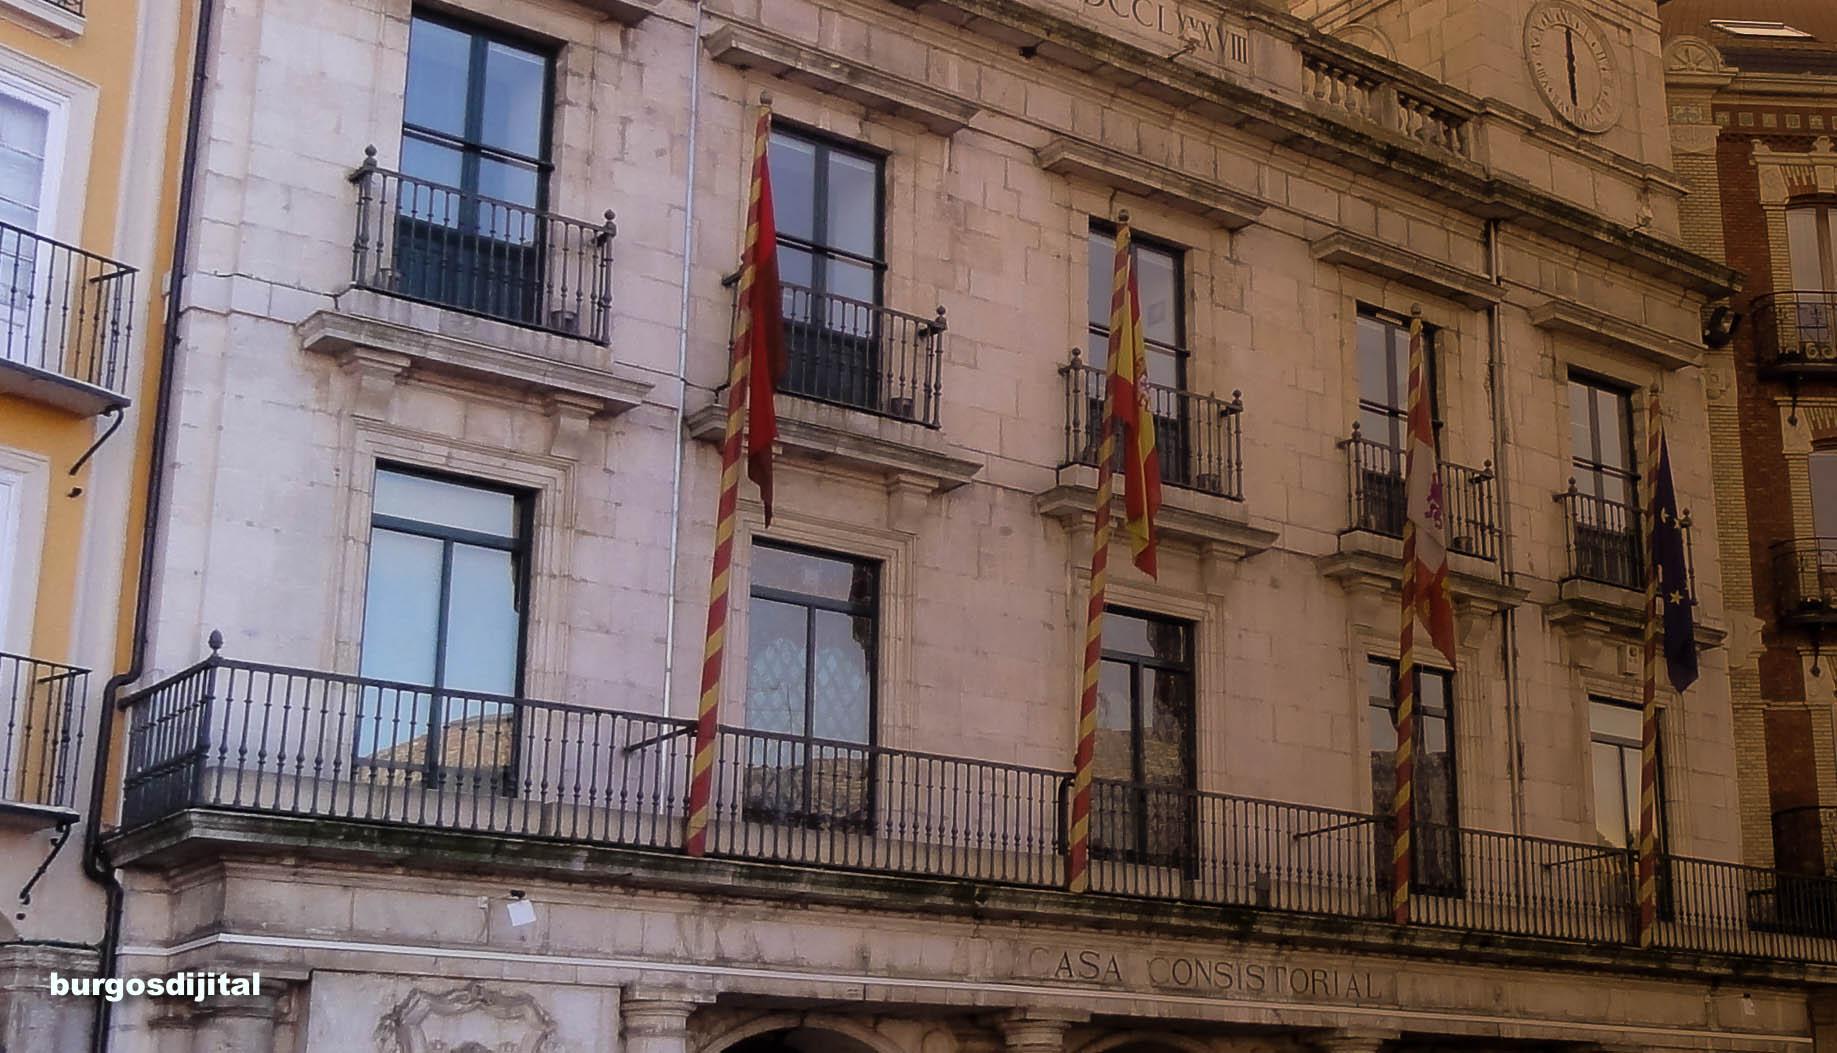 Foto de archivo Ayuntamiento de Burgos